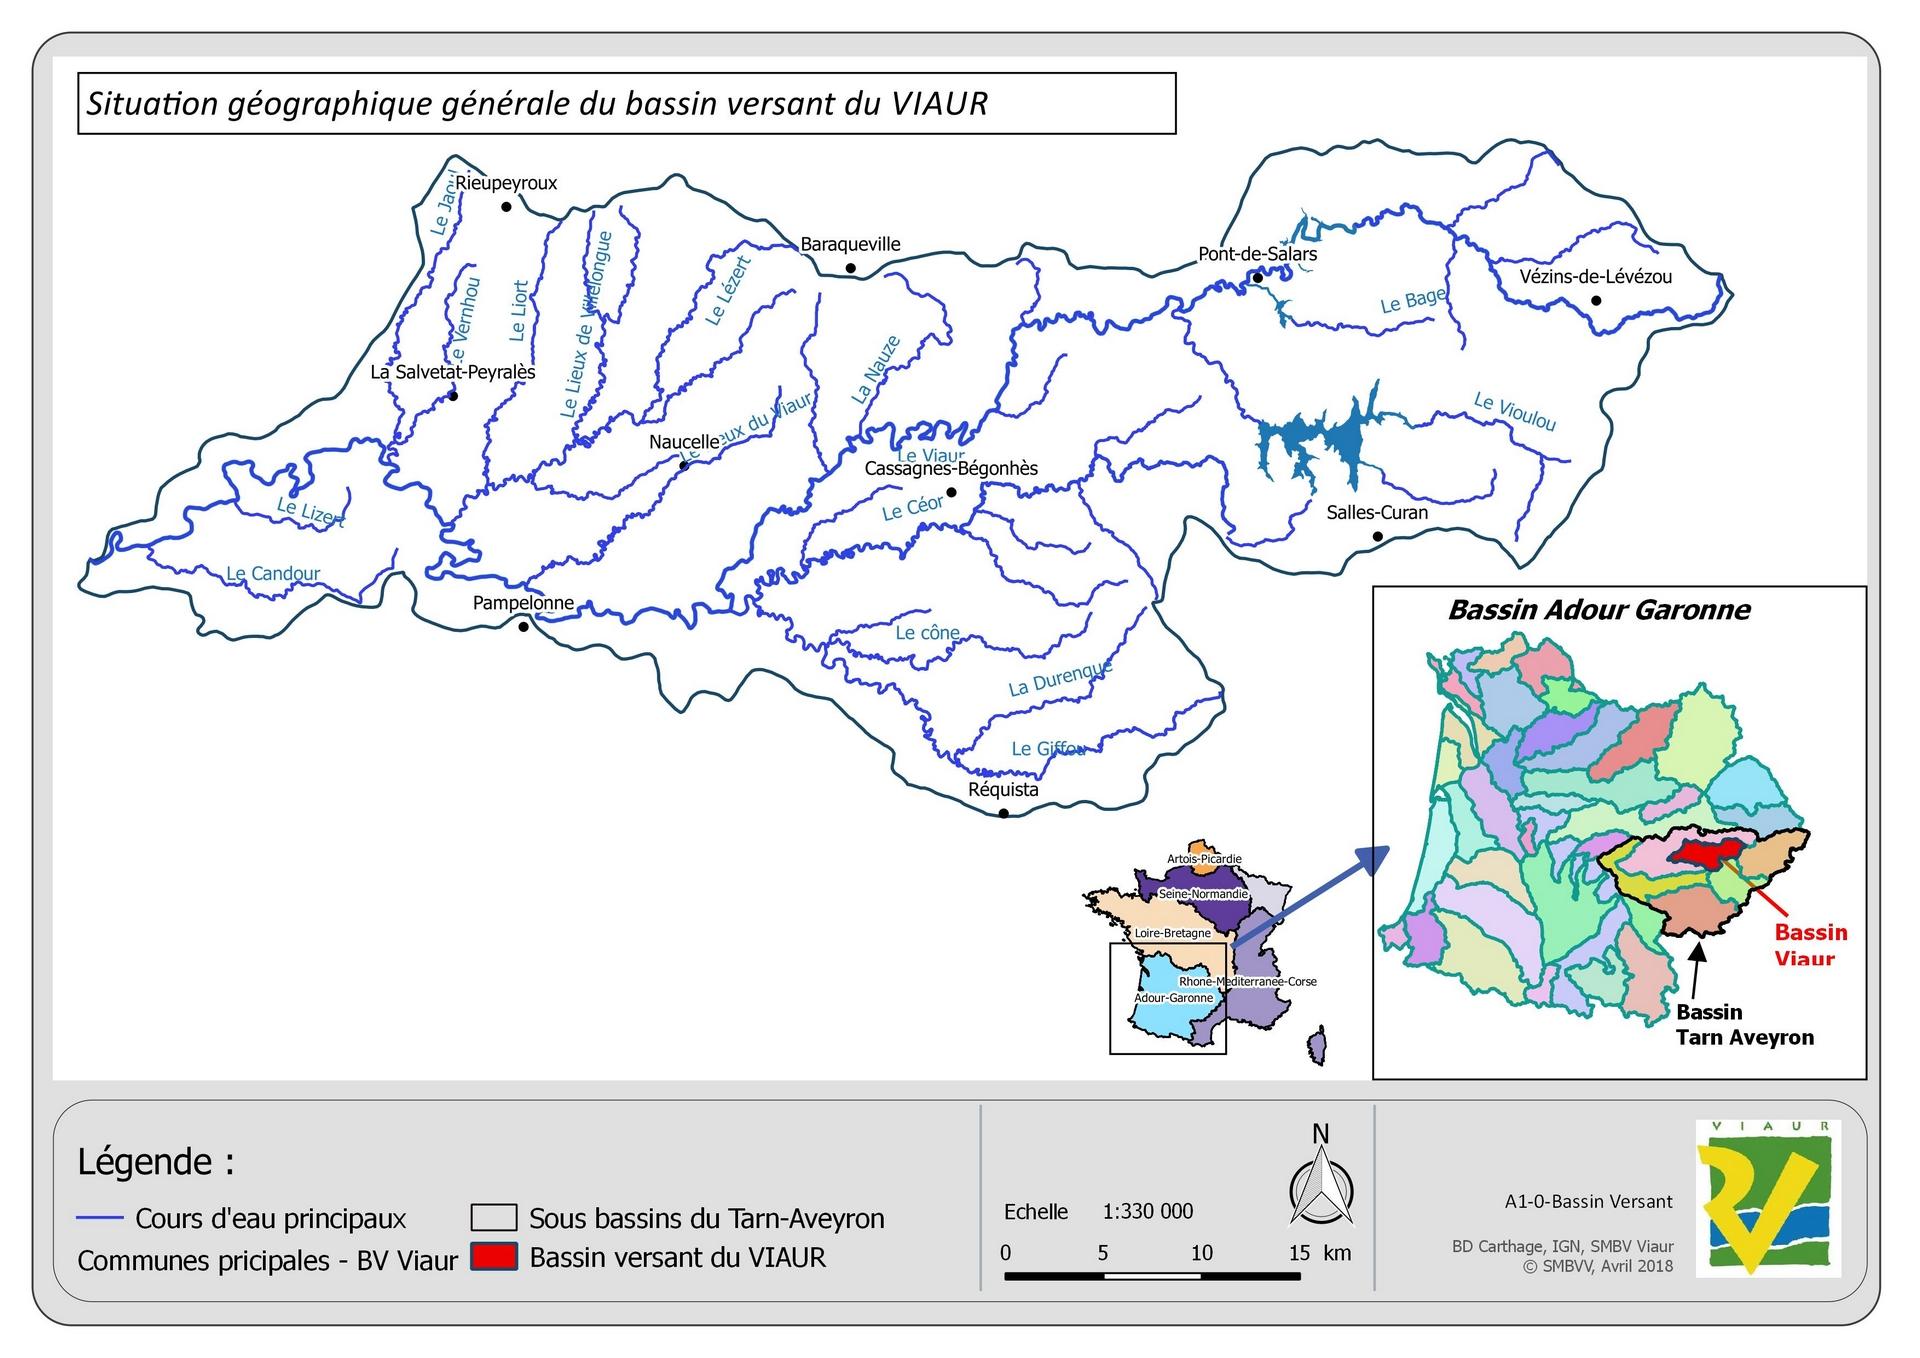 Situation géographique générale